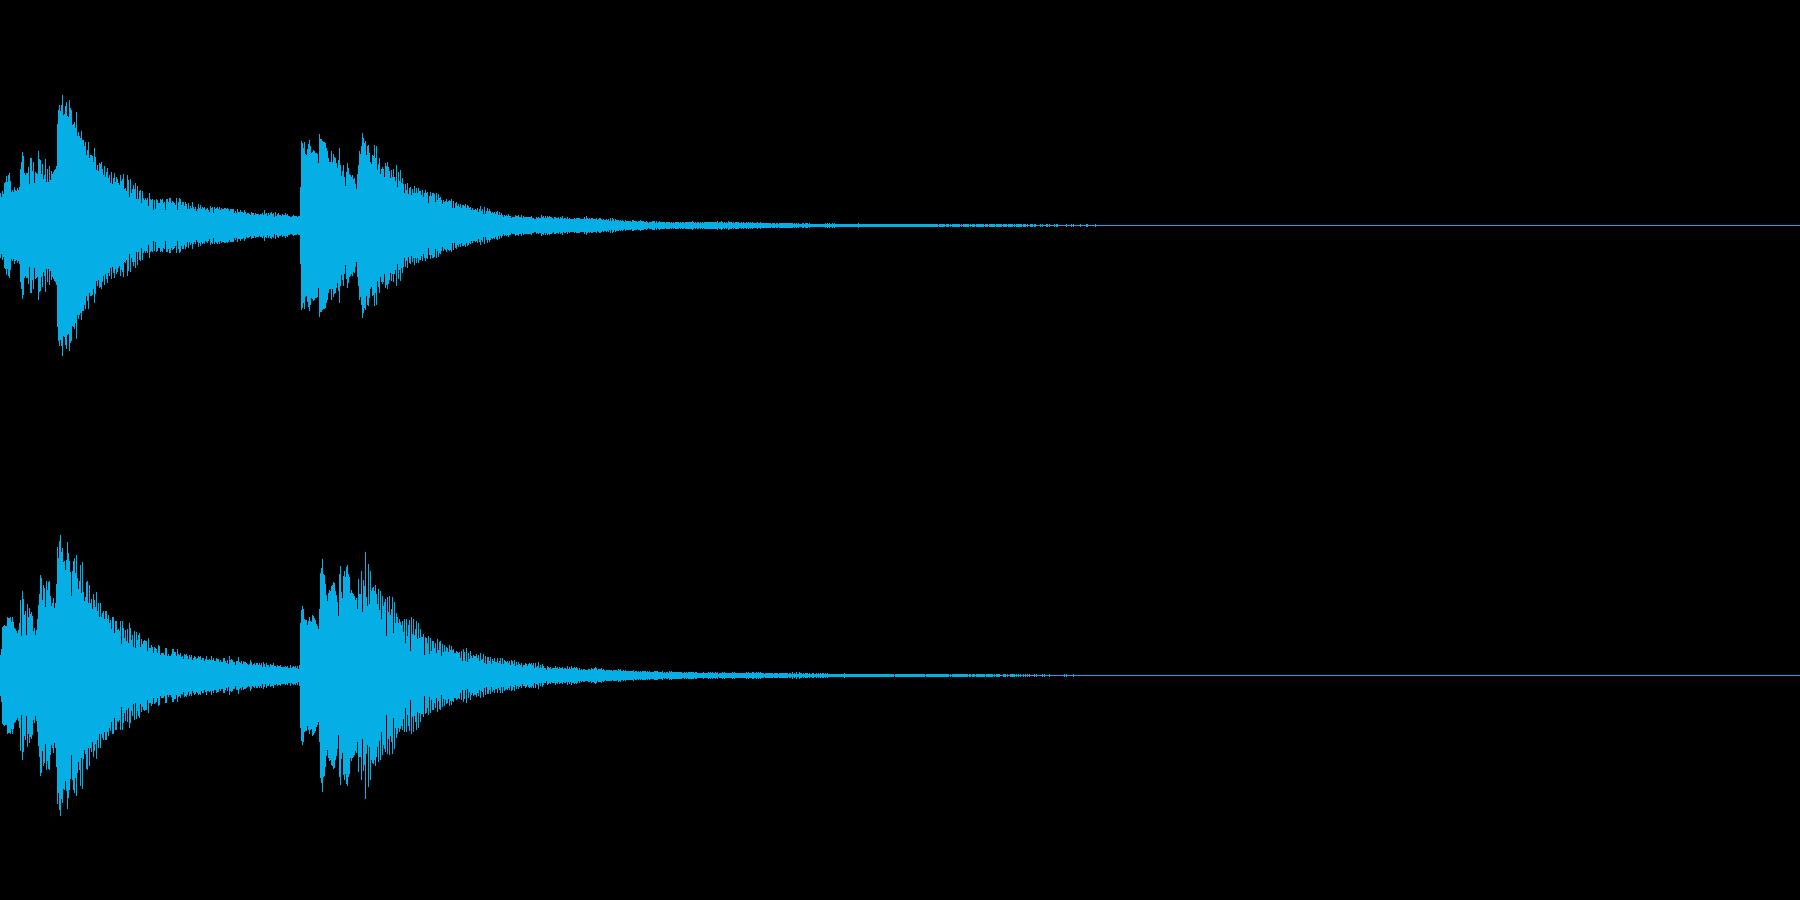 システム起動音_その13の再生済みの波形